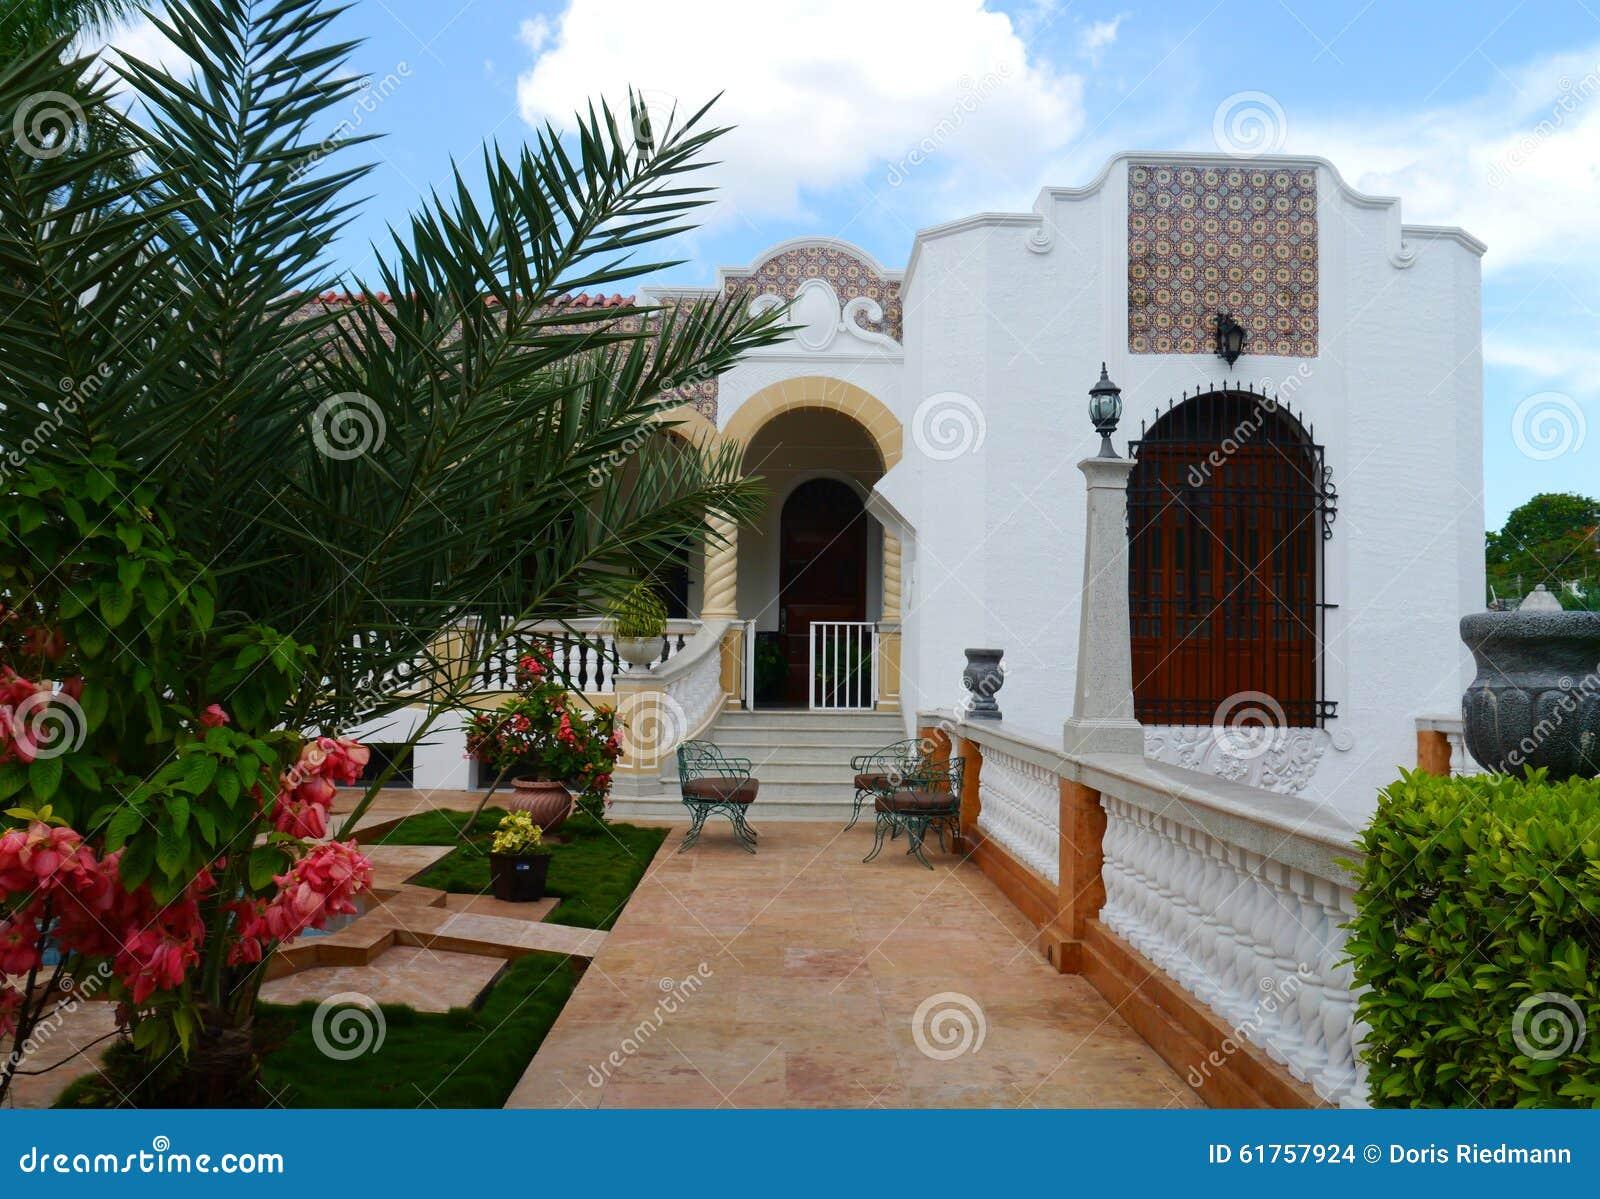 Arquitectura colonial de la casa de merida mexico foto de archivo imagen de iglesia torre - Foto casa merida ...